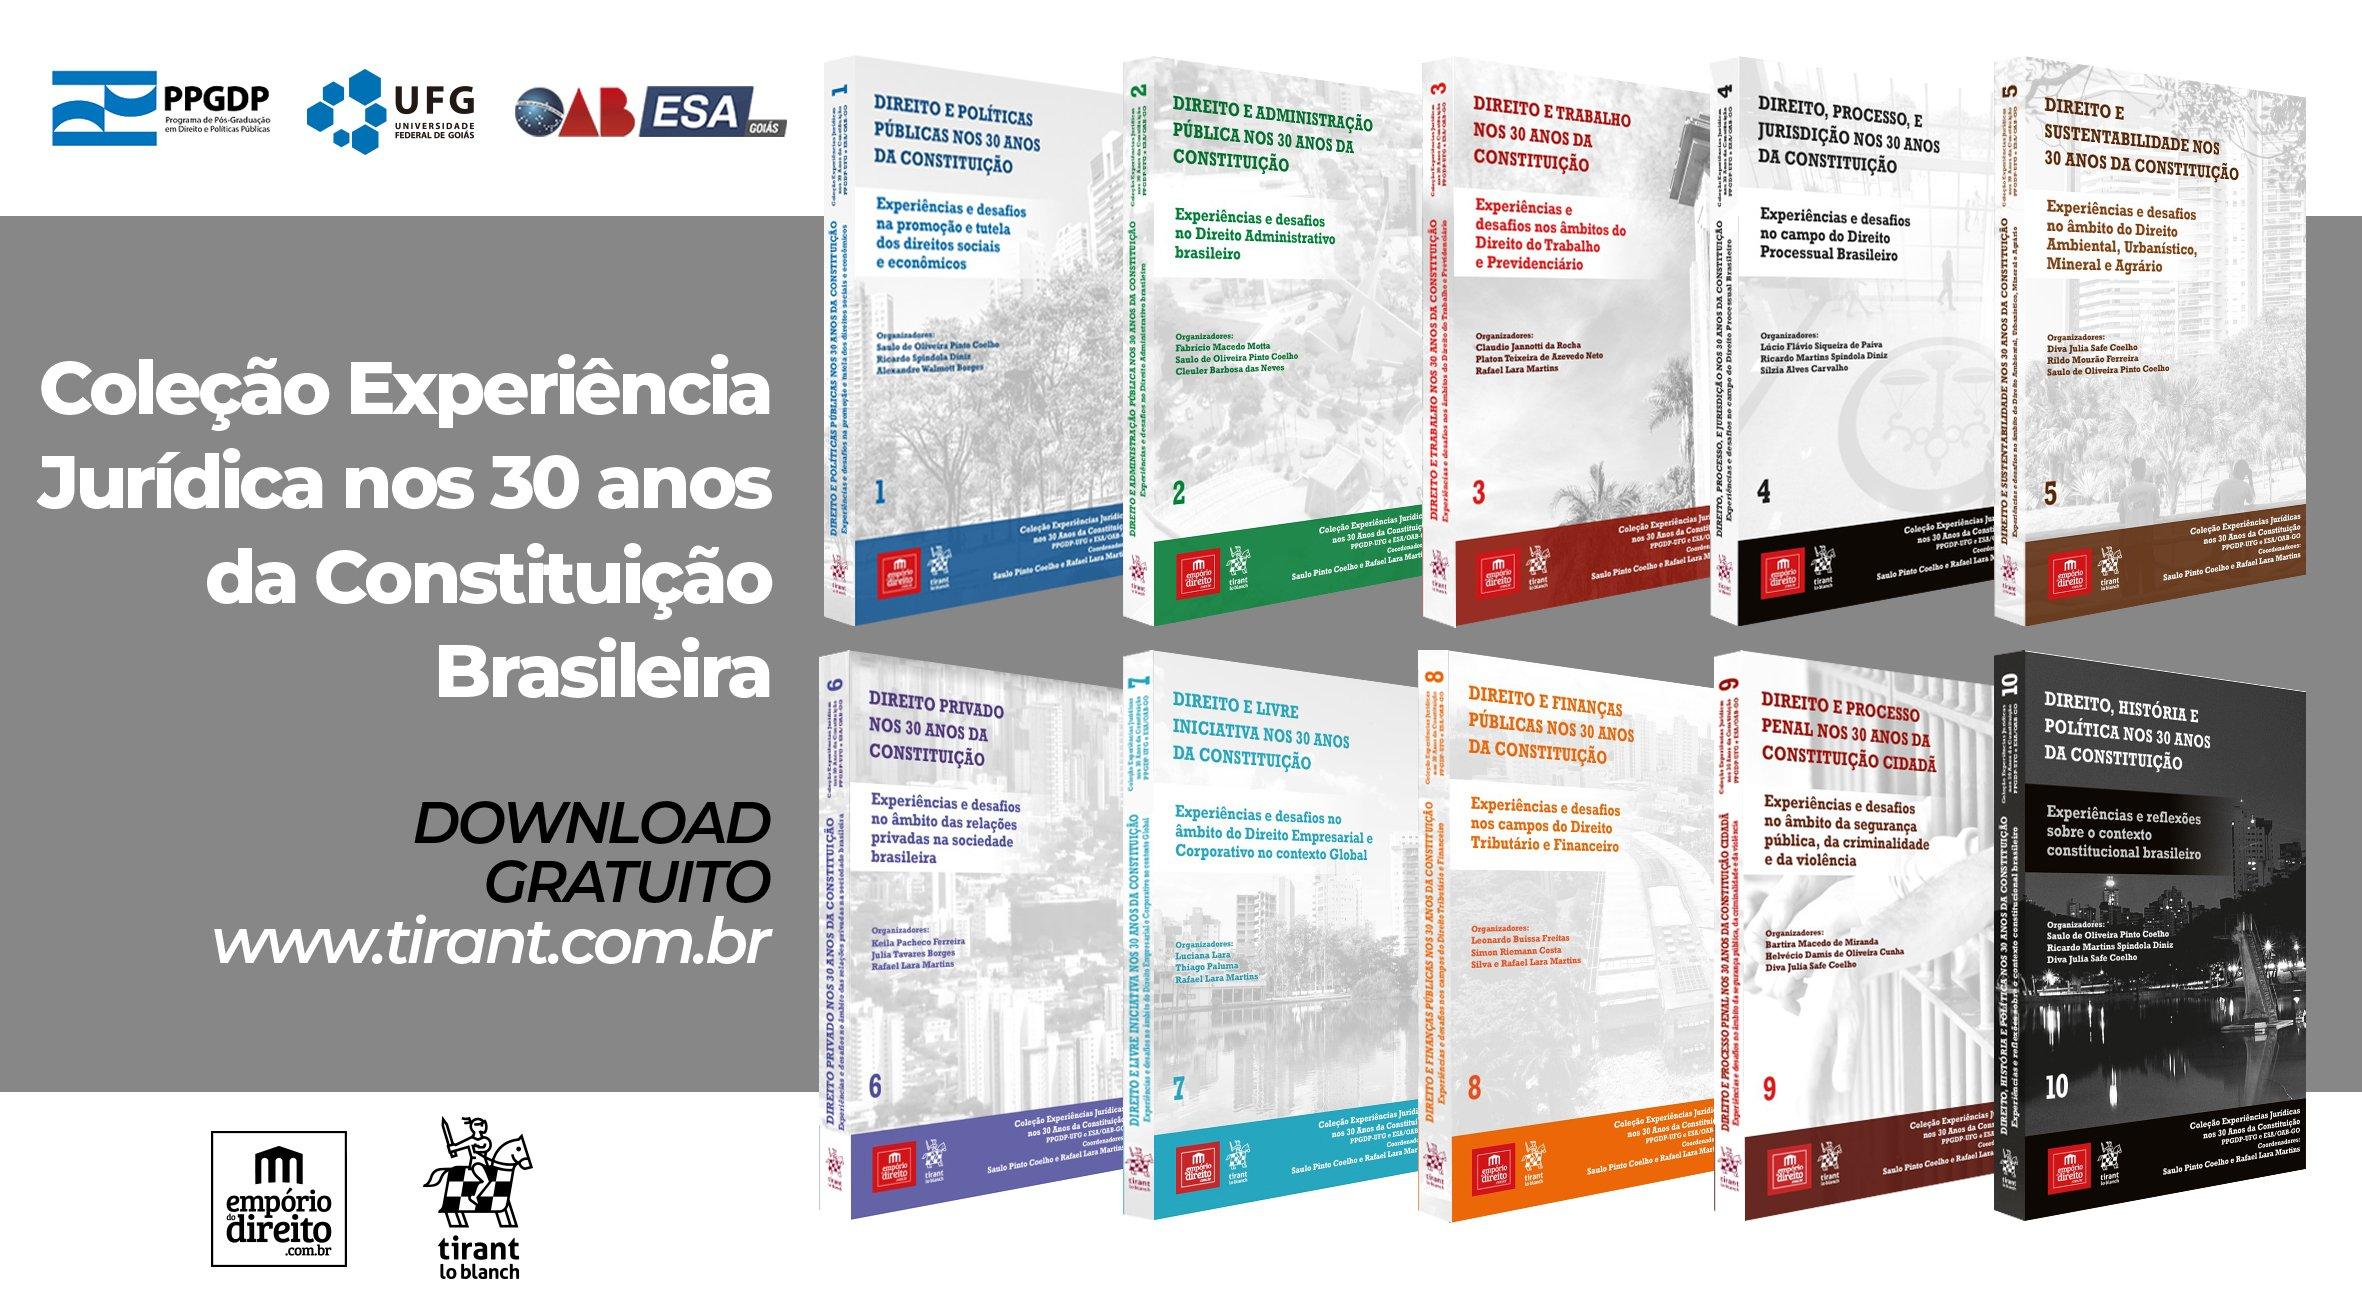 Experiência Jurídica nos 30 anos da Constituição Brasileira - OAB/GO